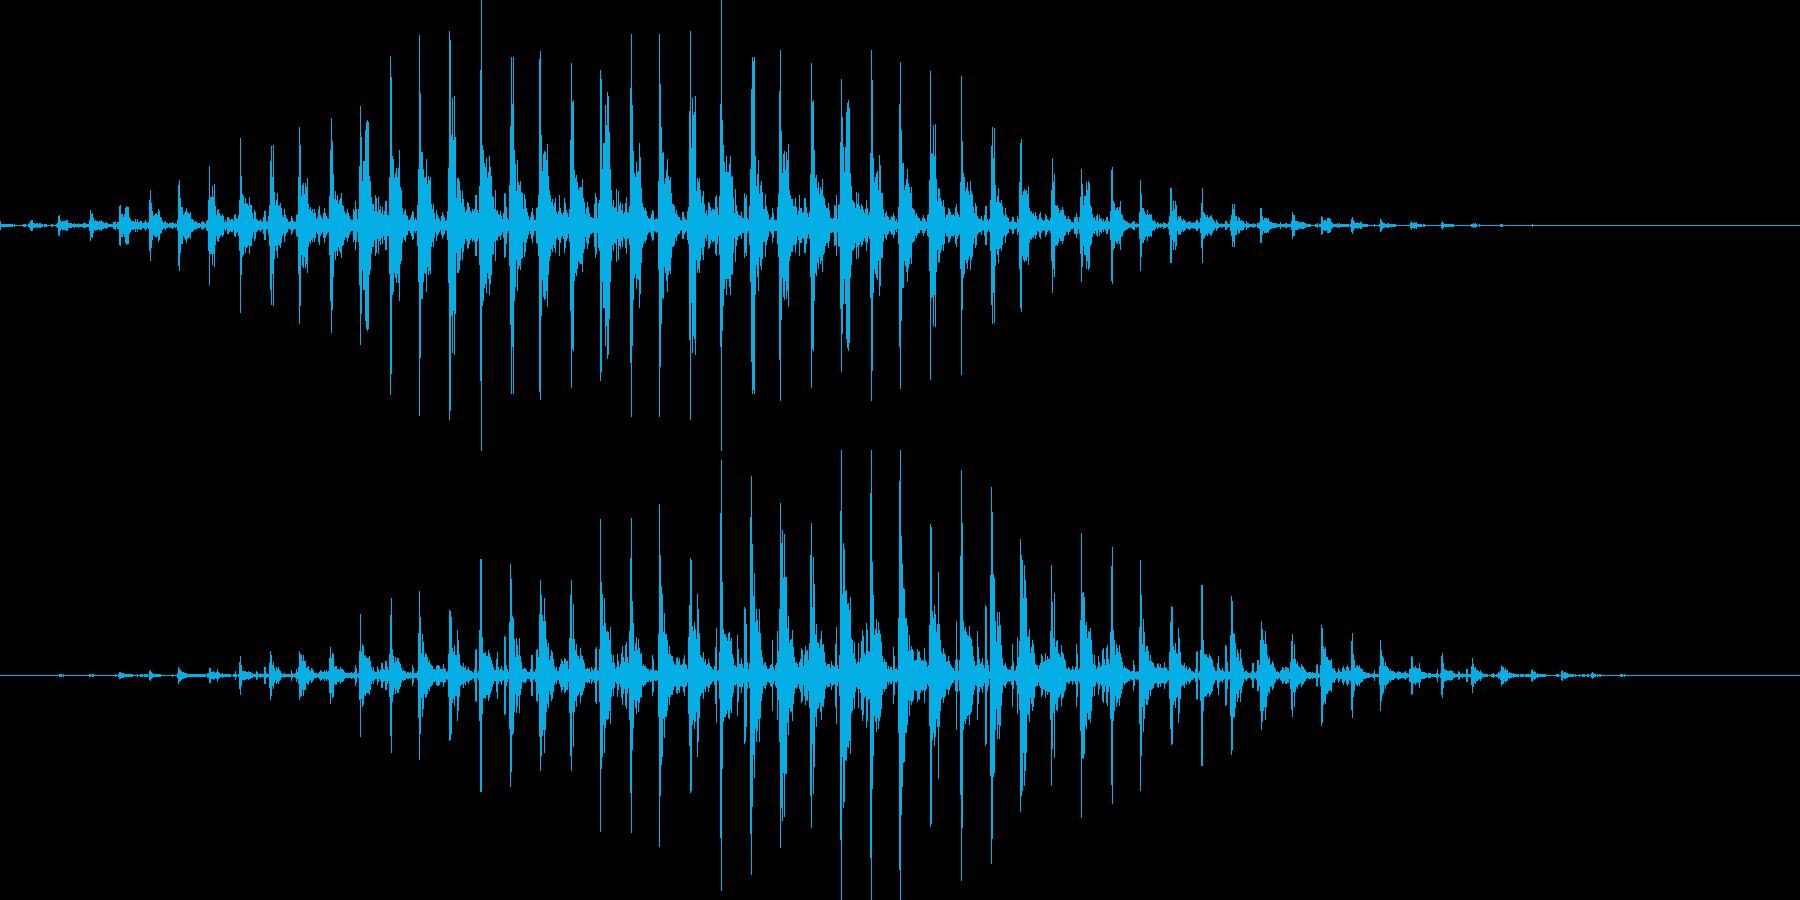 「リンリンリンリン♪」の再生済みの波形